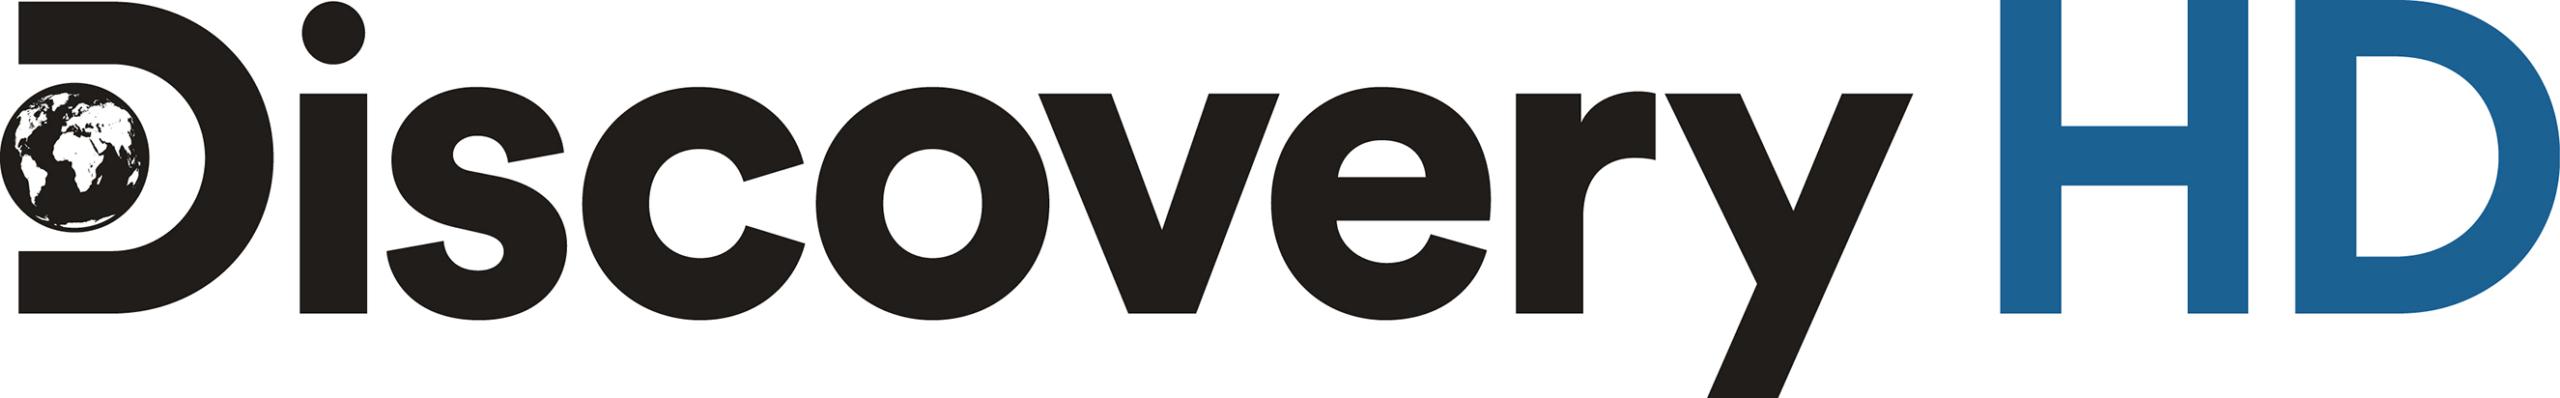 Discovery Channel HD im Kabelfernsehen